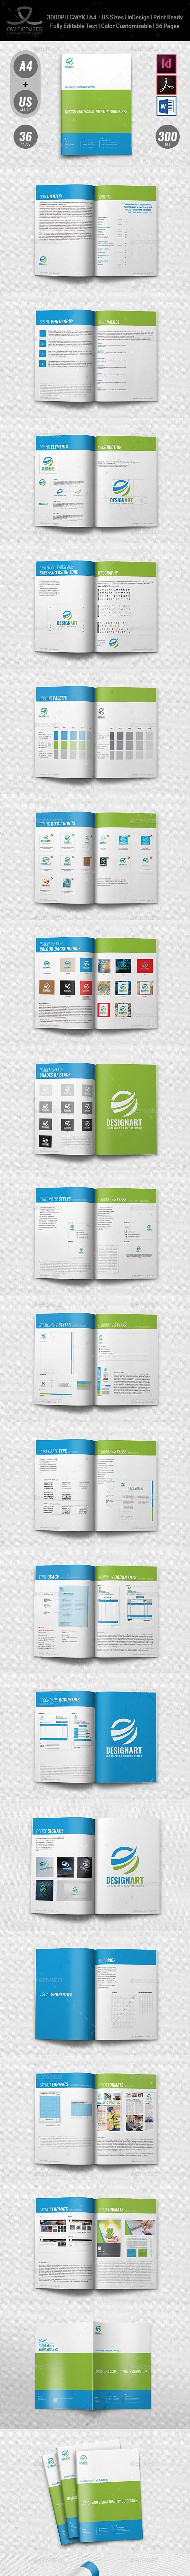 Brand Manual Vol.2 - Brochures Print Templates